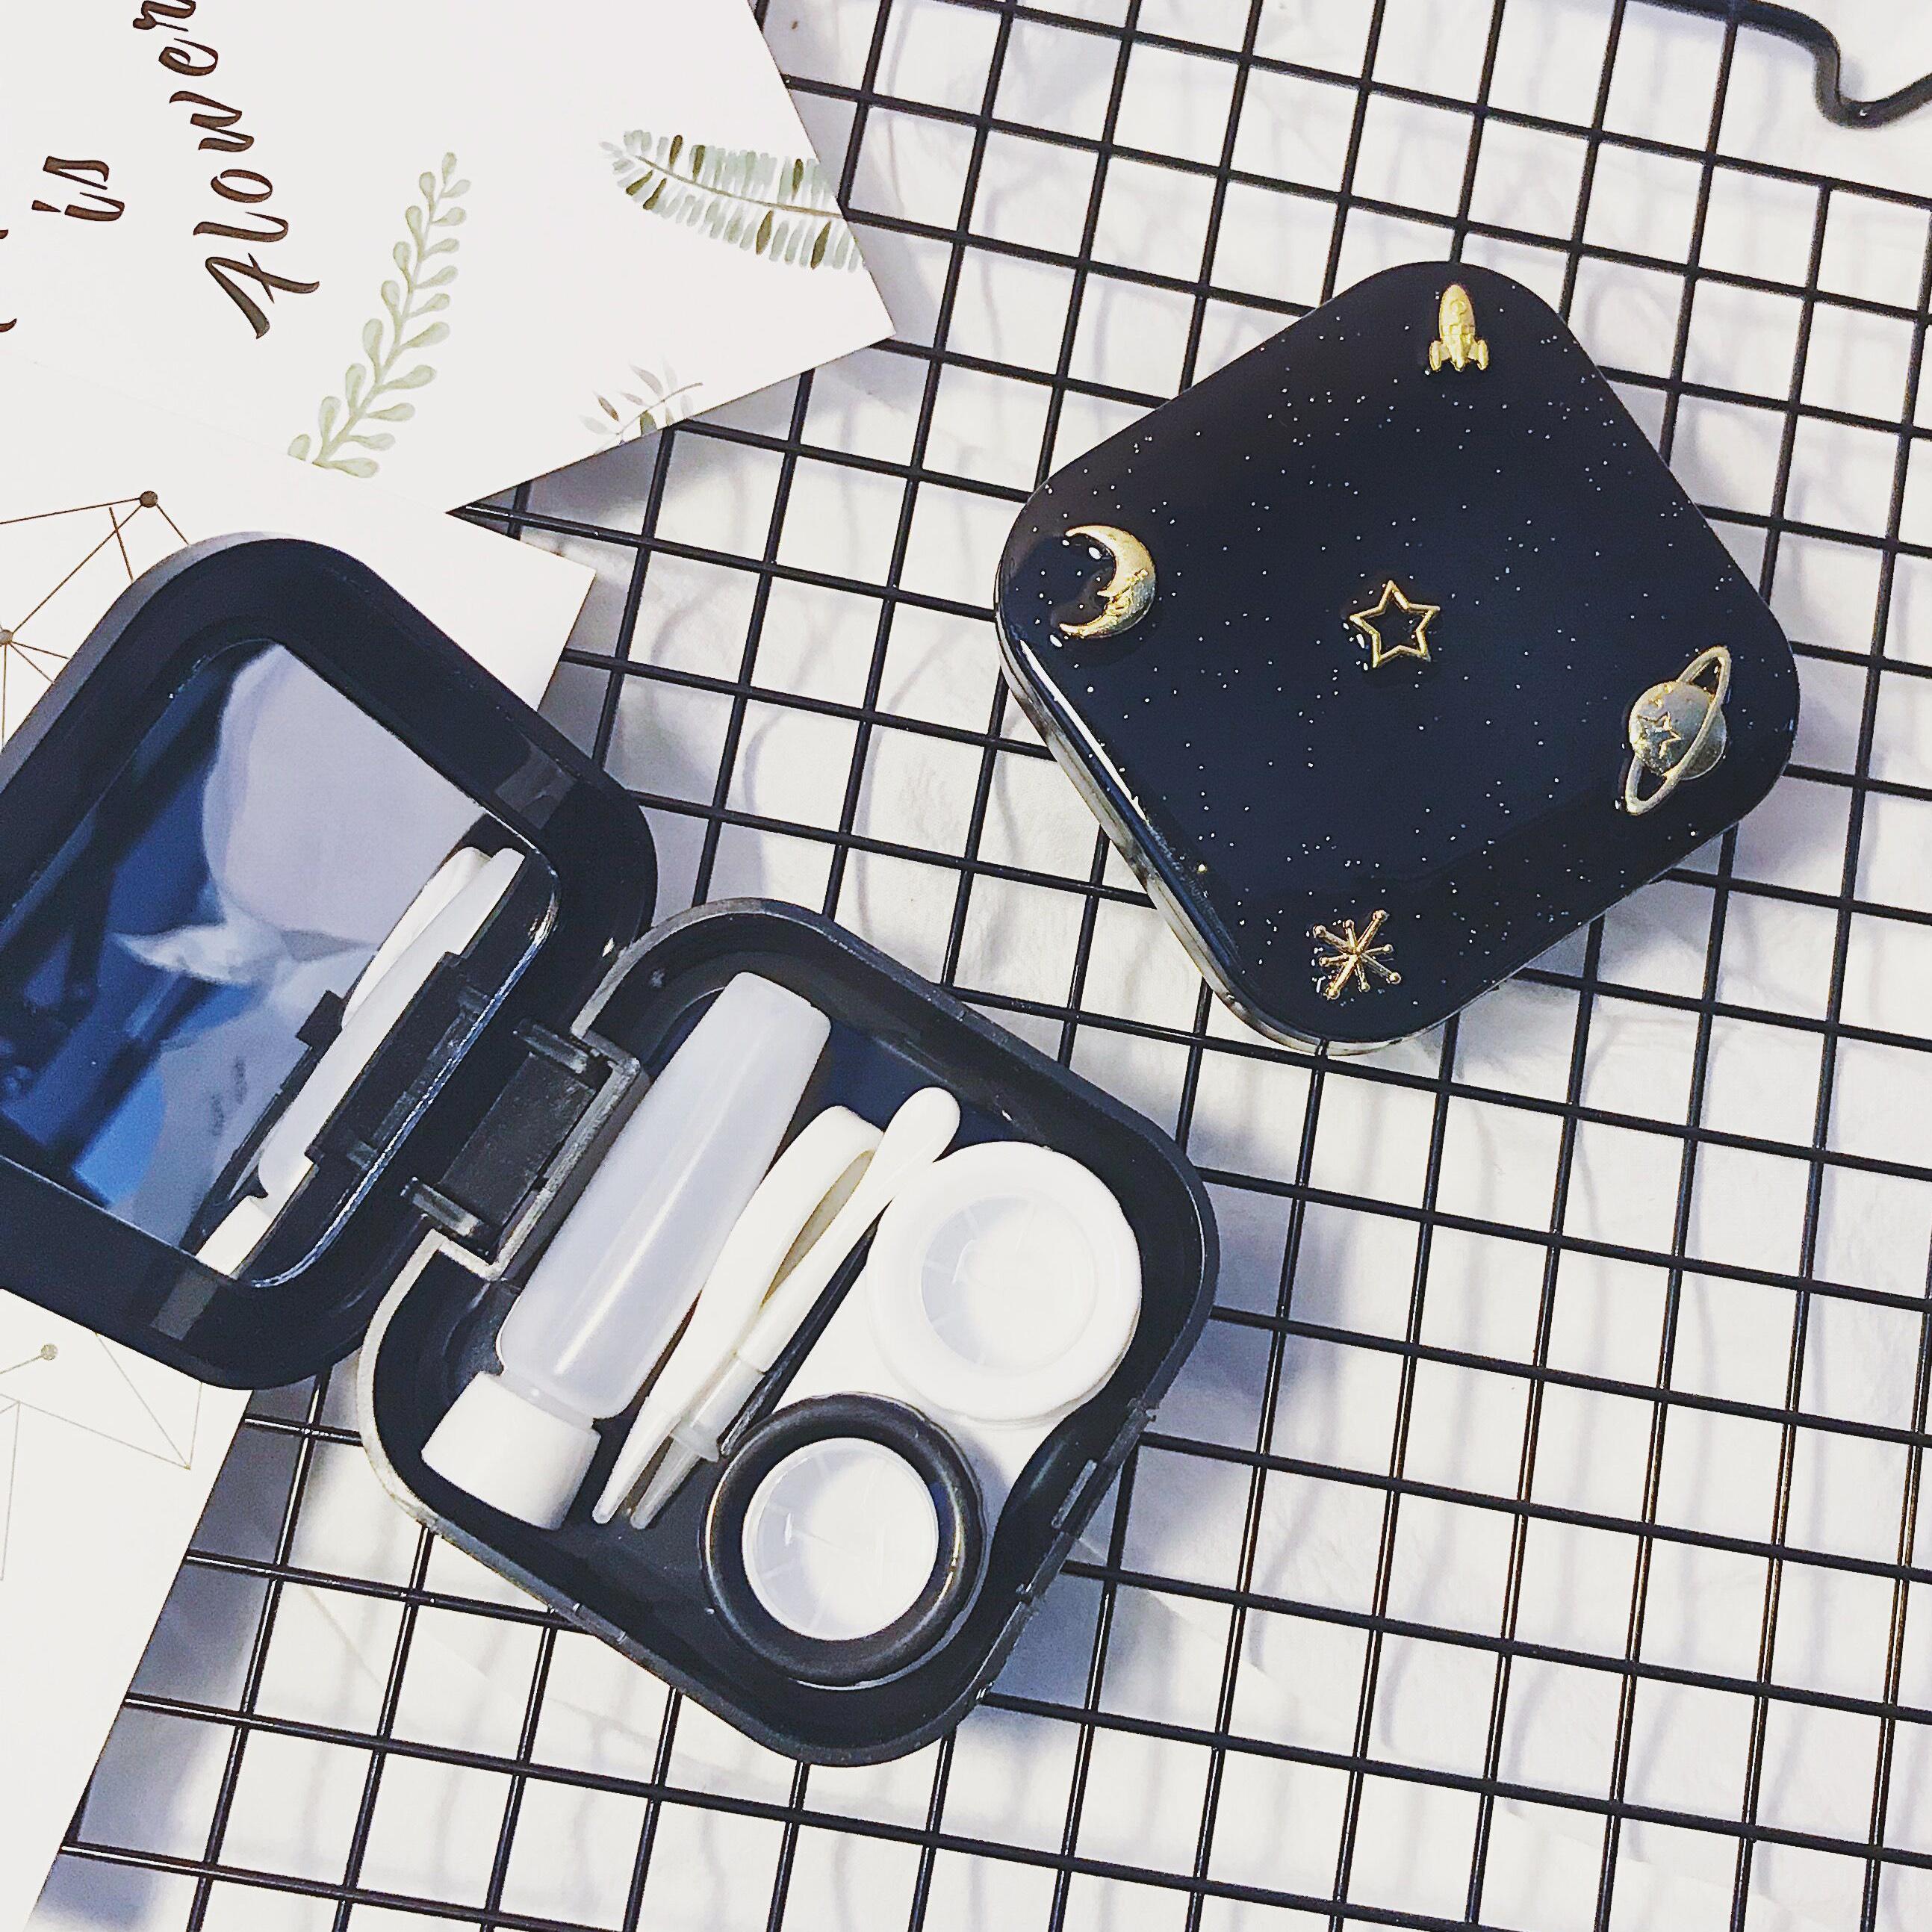 原创简约个性星空隐形近视眼镜盒美瞳双联伴侣盒女式轻巧便携包邮